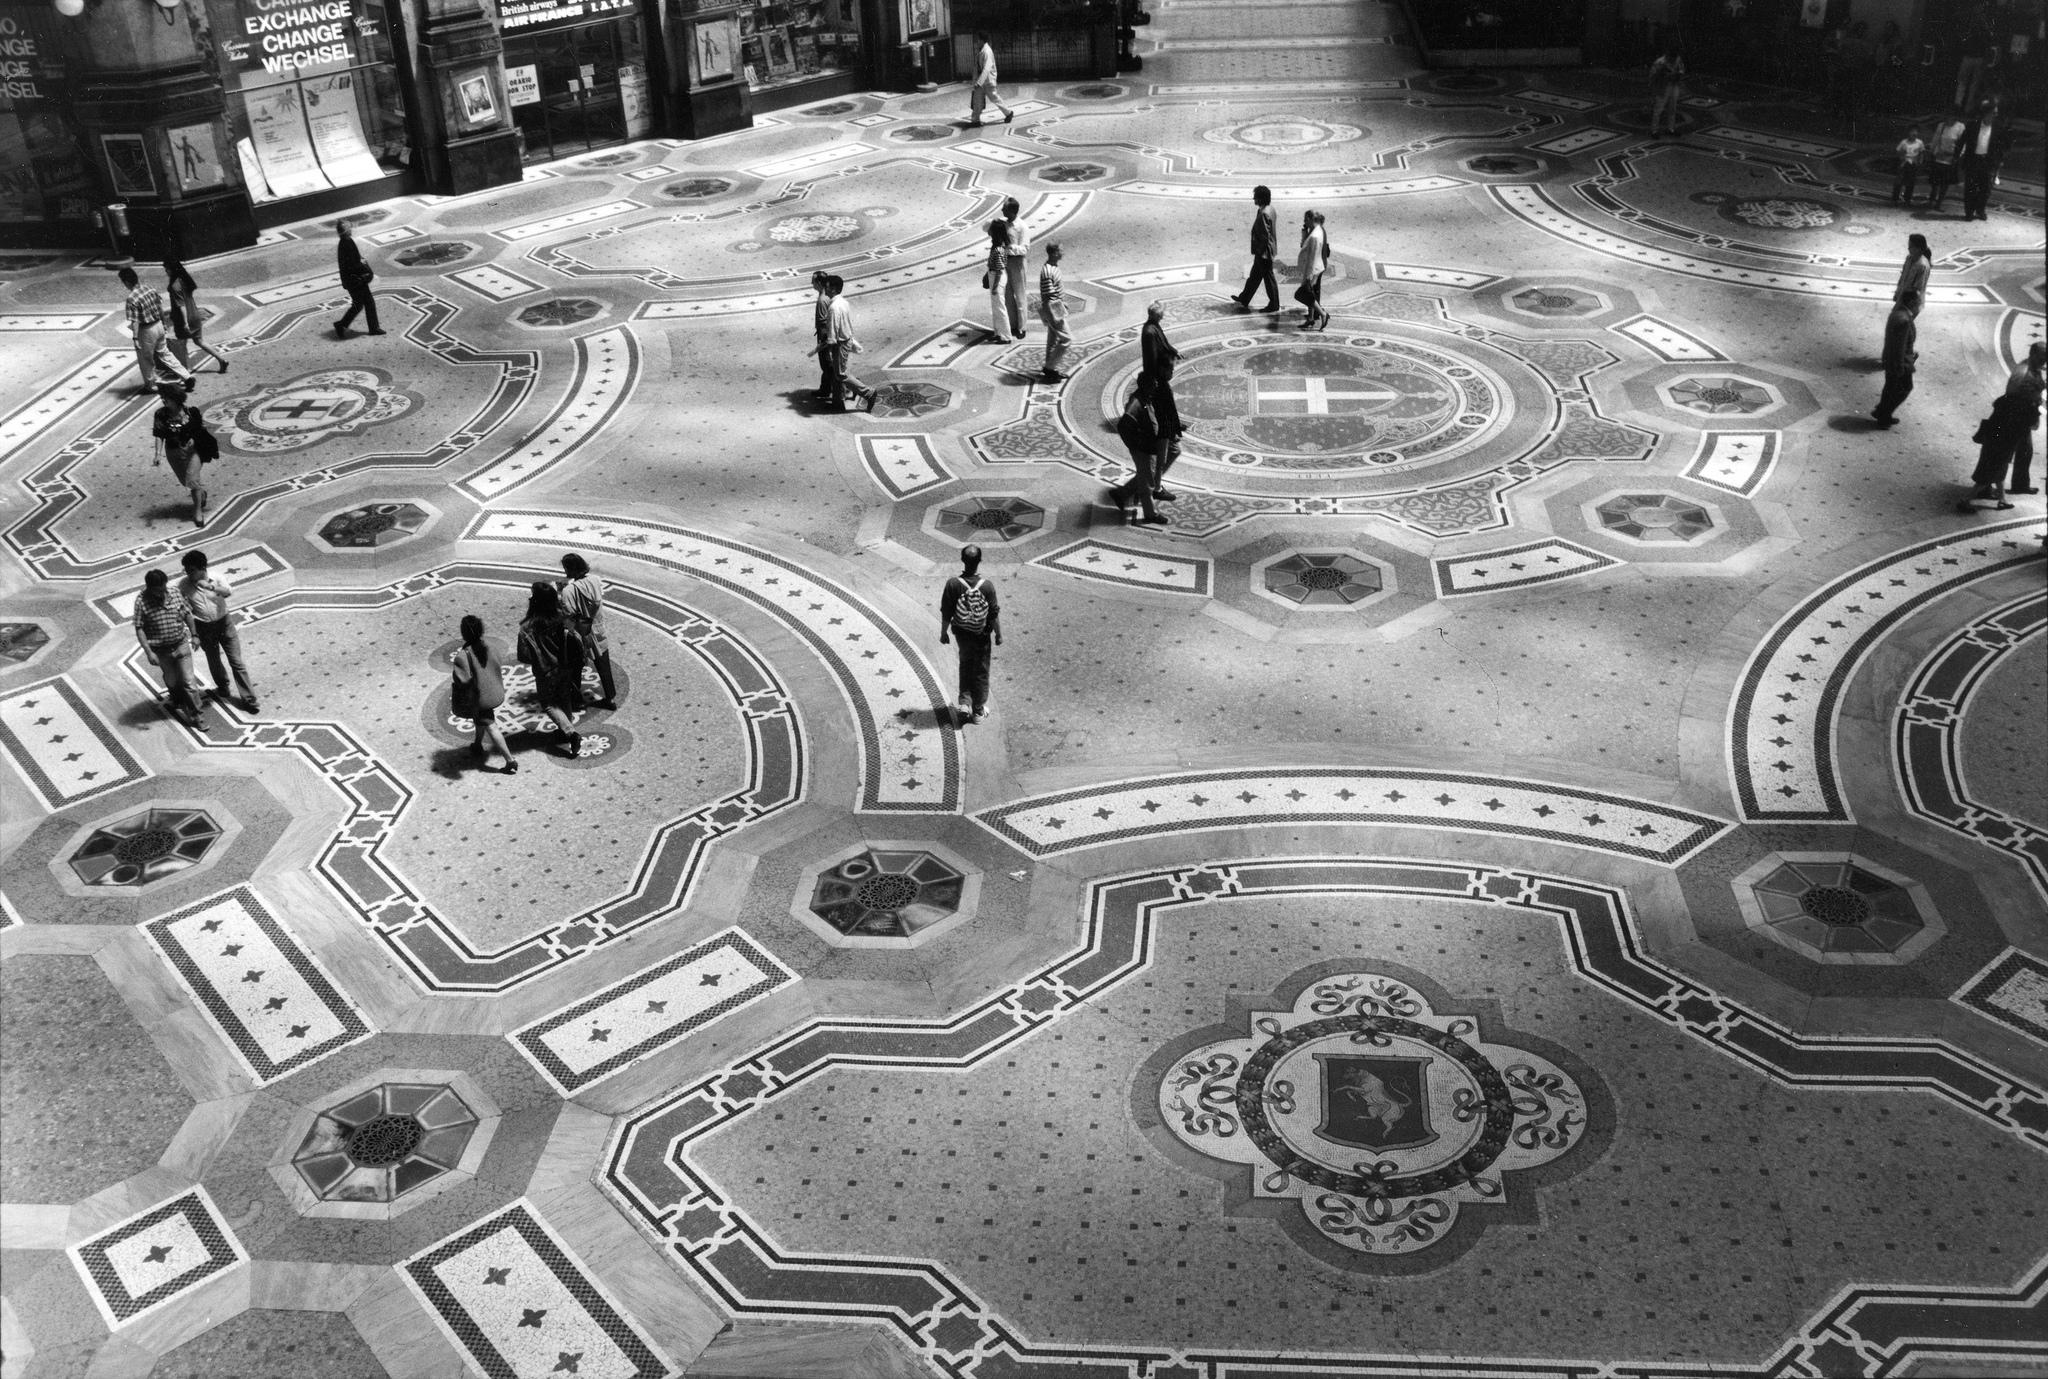 Galleria Vittorio Emanuele, Milano, 1991 Vittorio Emanuele Arcade, Milan, 1991